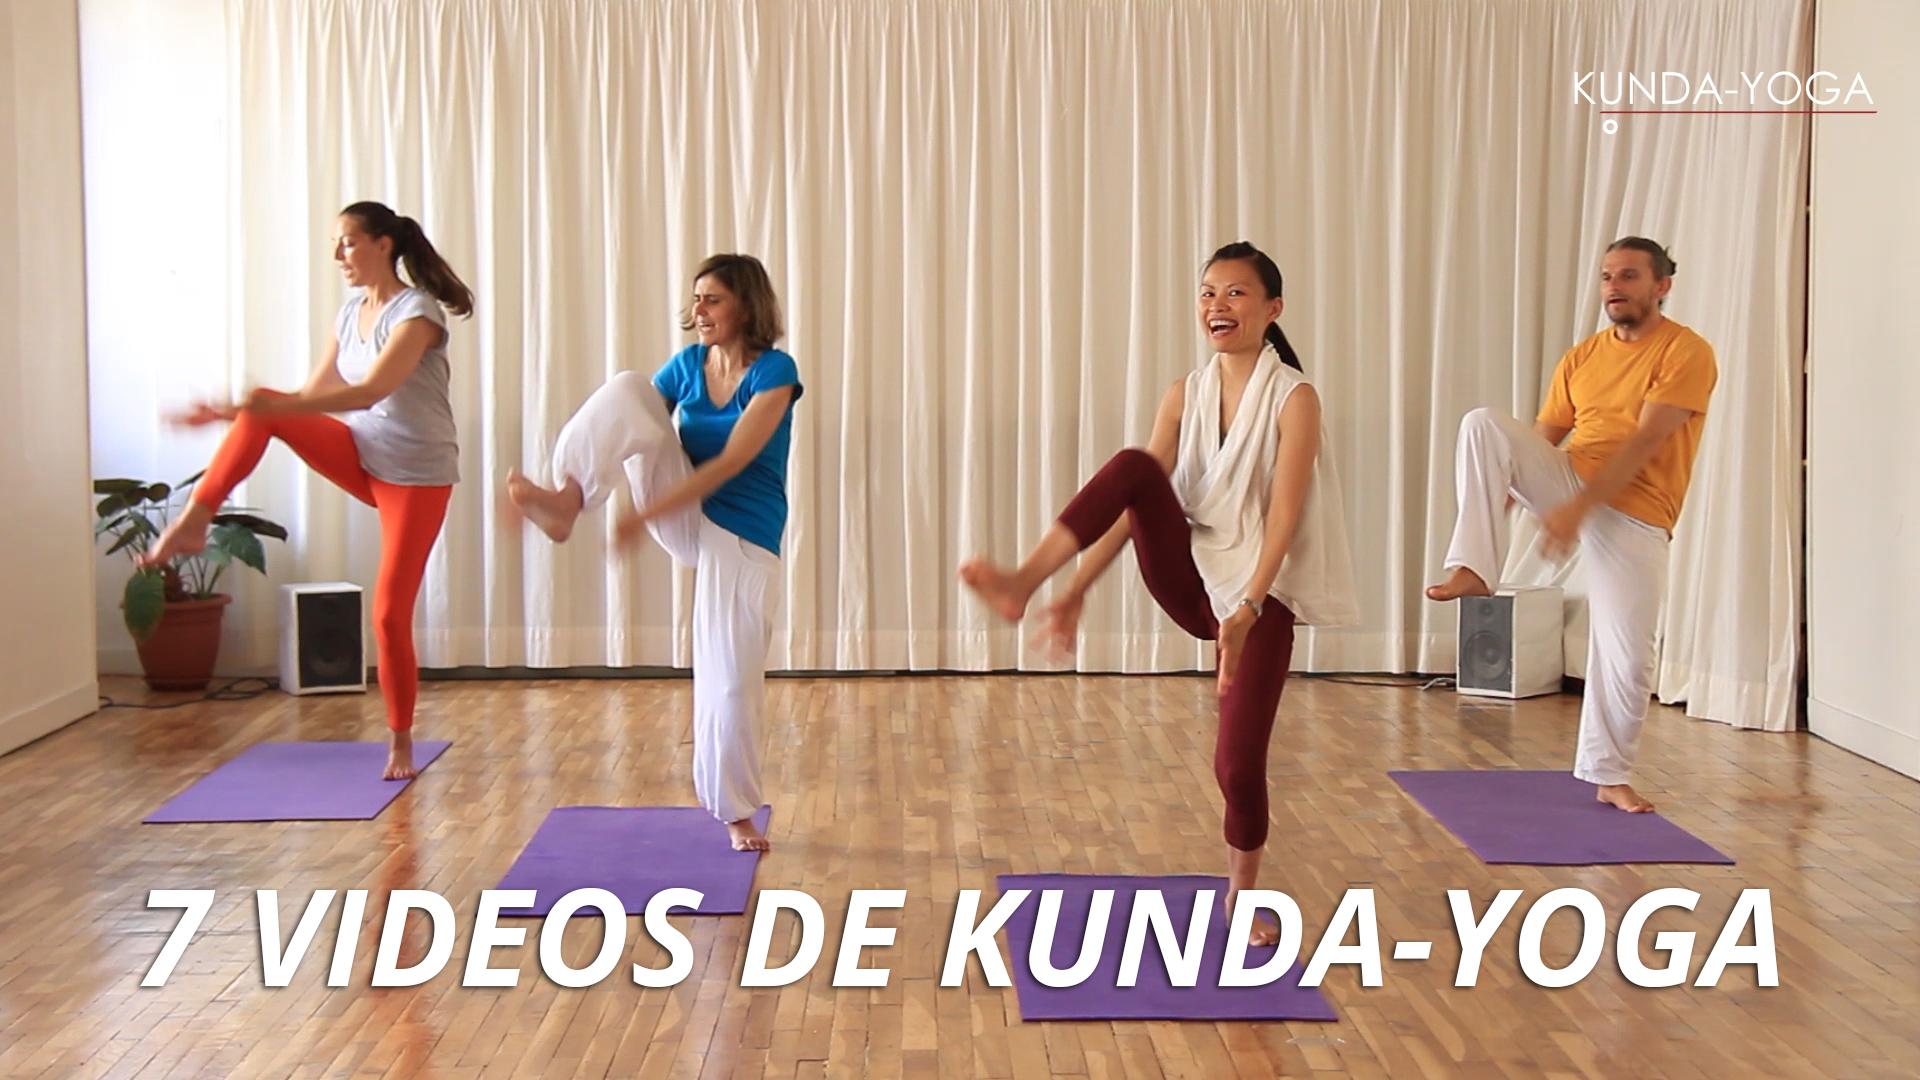 Participez gratuitement au programme de «7 vidéos du Kunda-Yoga»